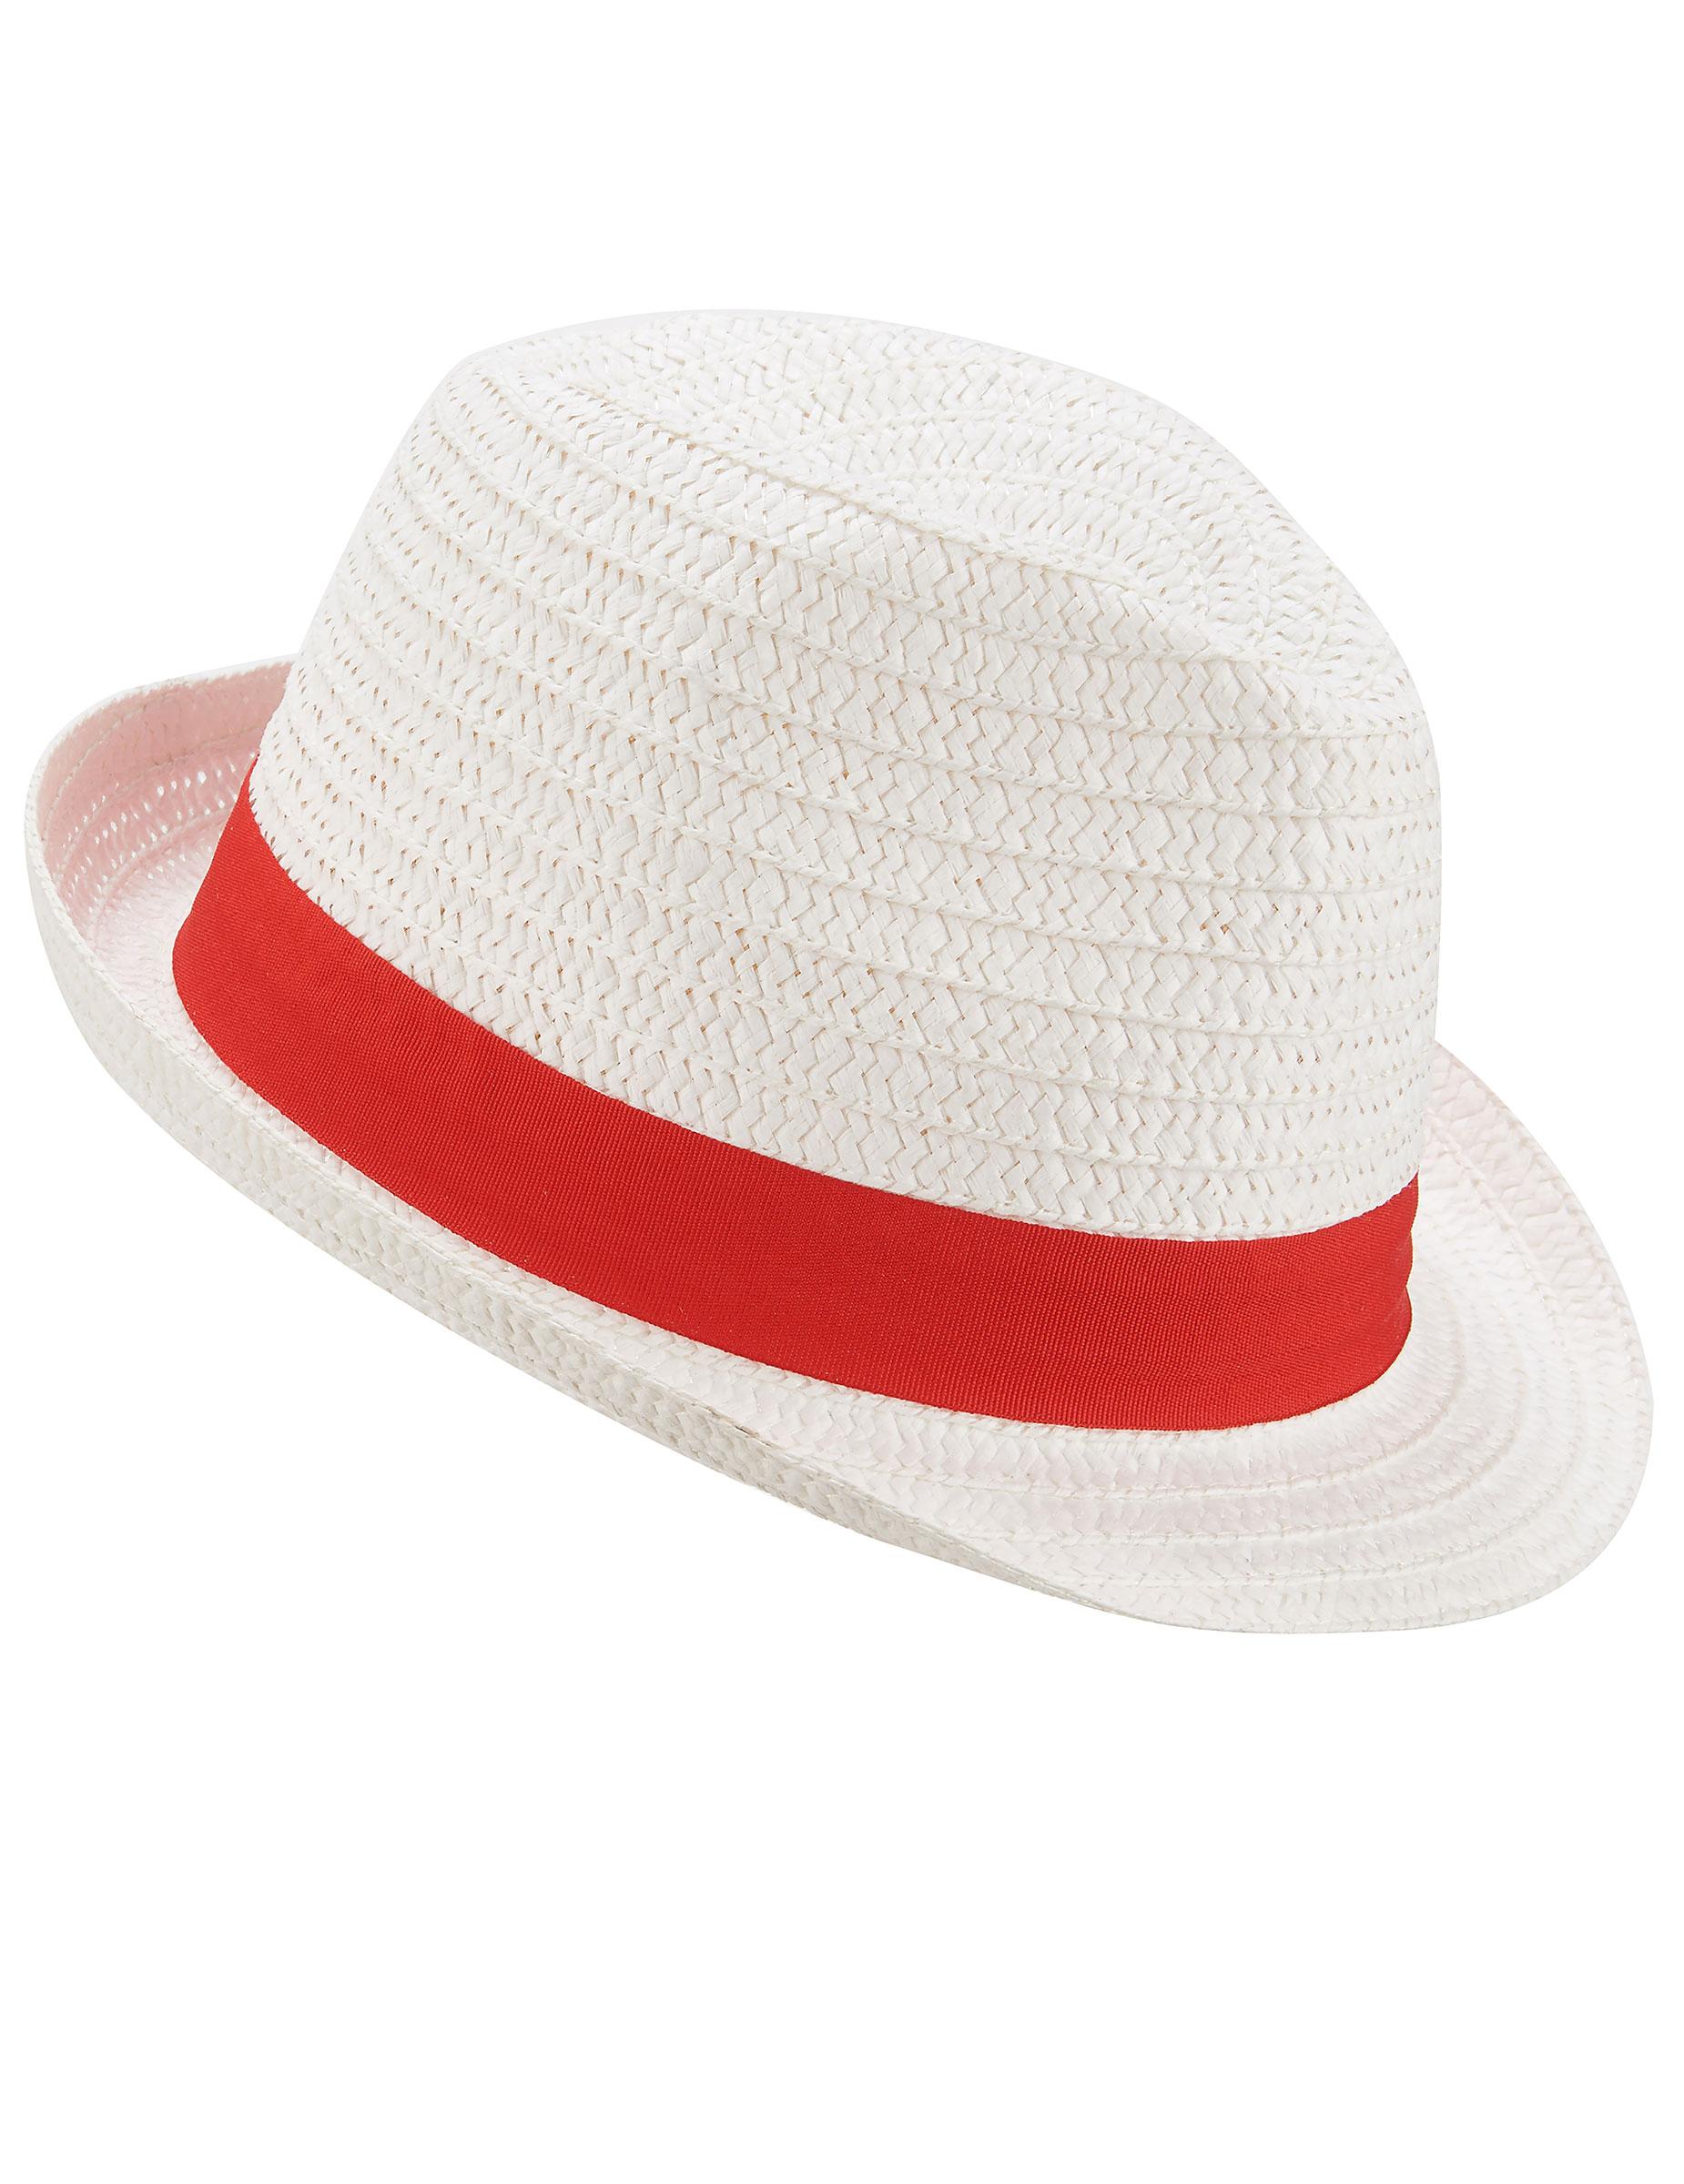 Cappello borsalino bianco con fascia rossa per adulto  Cappelli f51ce69defc7